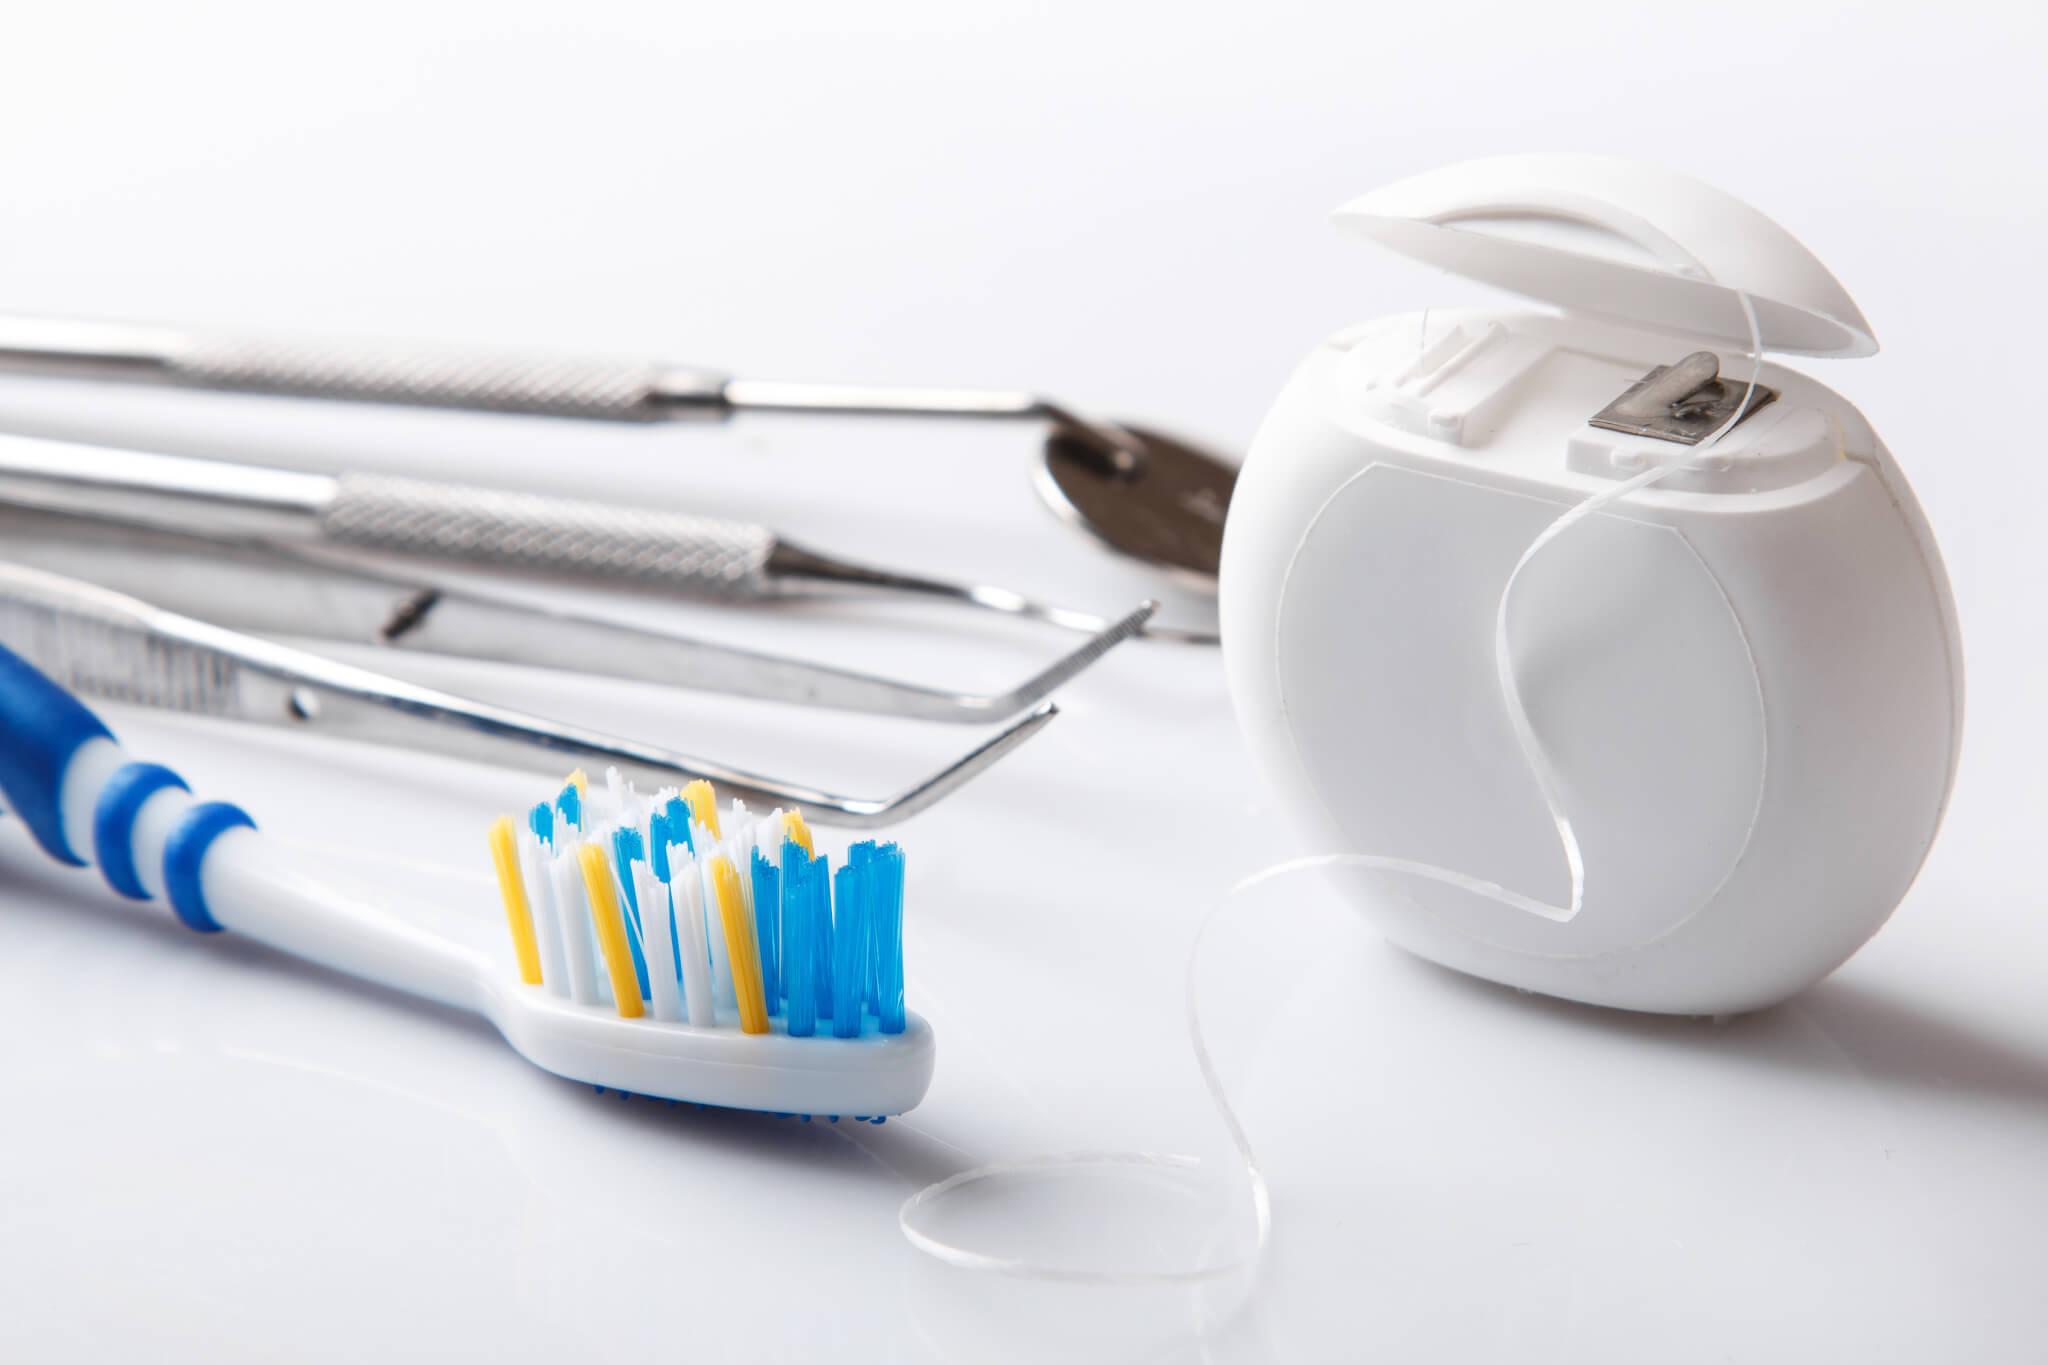 Curso online grátis de Auxiliar Odontológico